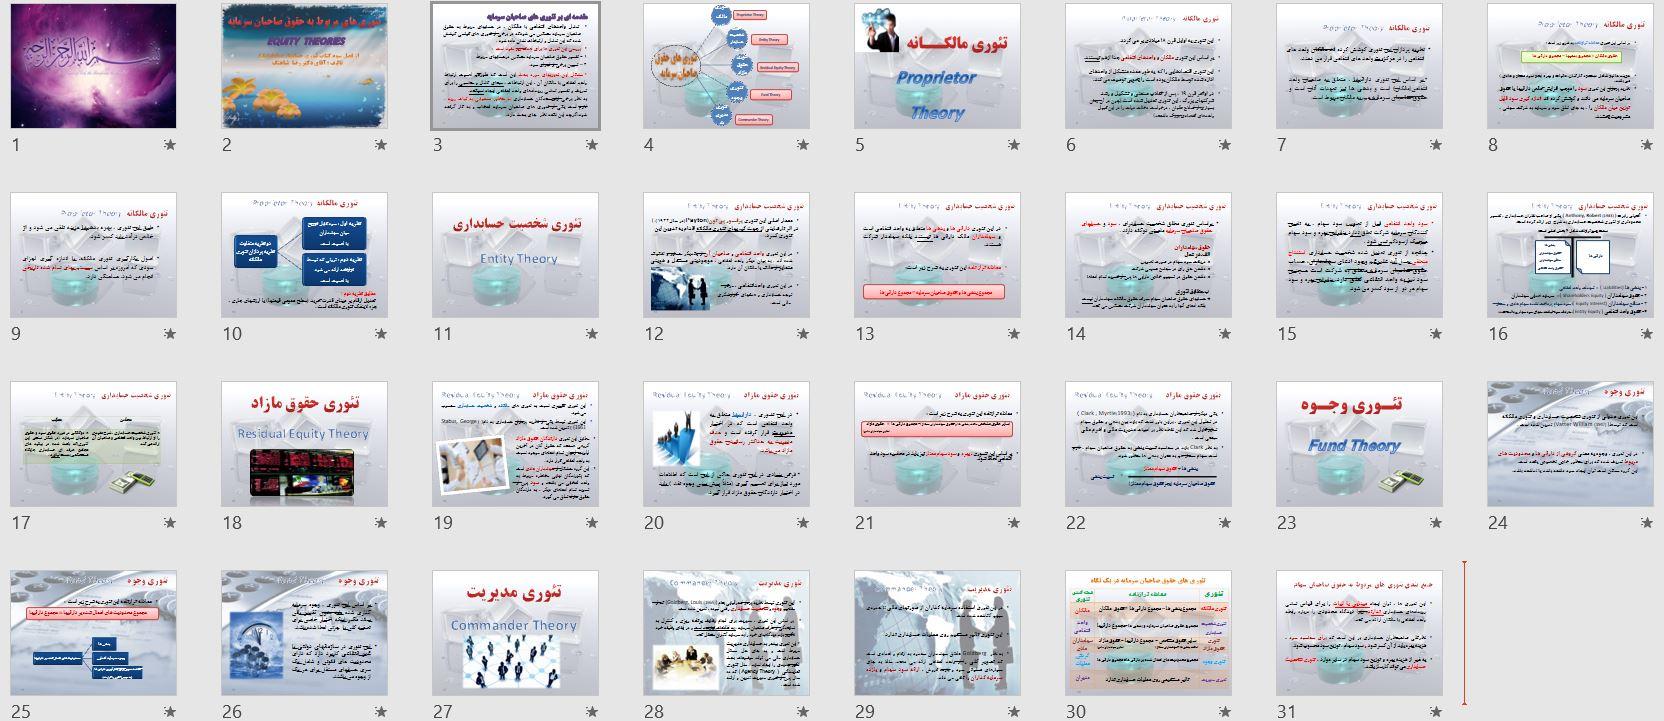 تصویر اسلاید های پاورپوینت تئوری های حقوق صاحبان سرمایه